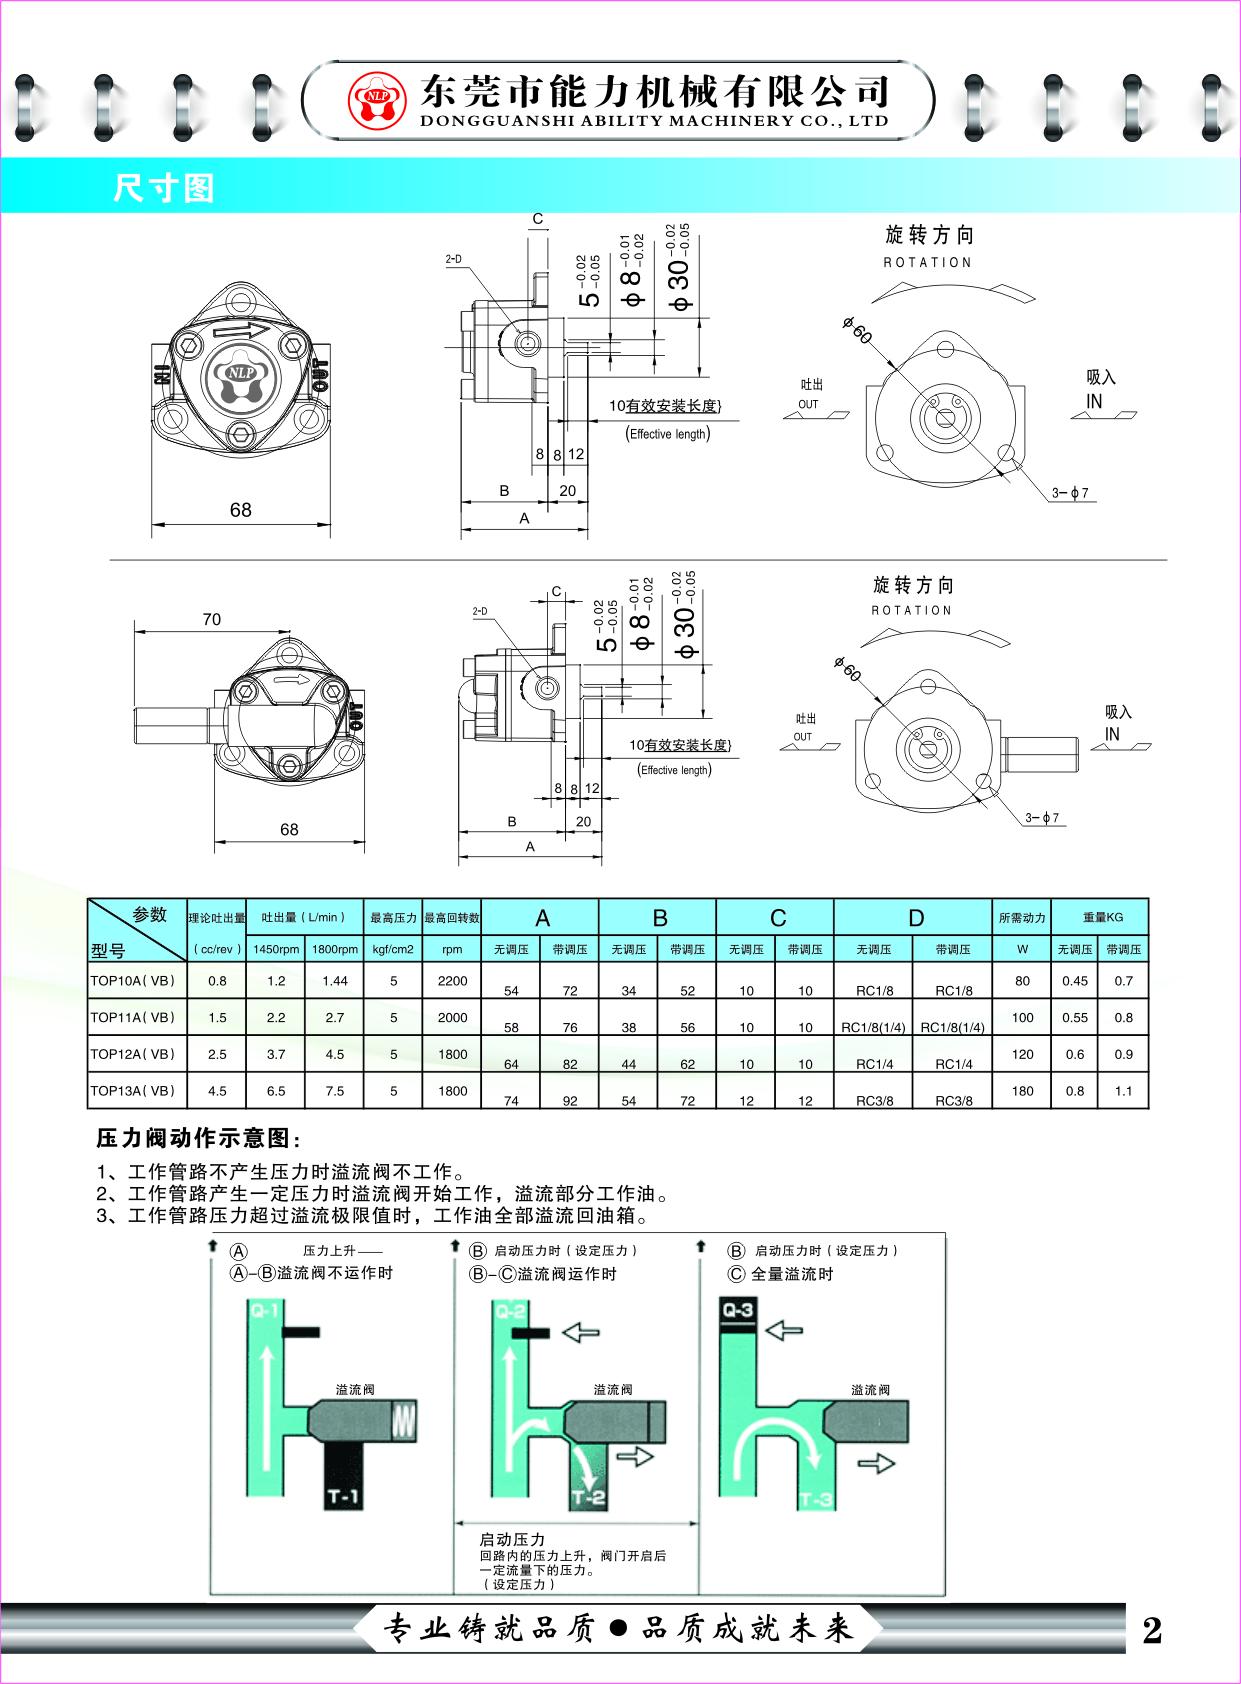 能力机械2019画册-02